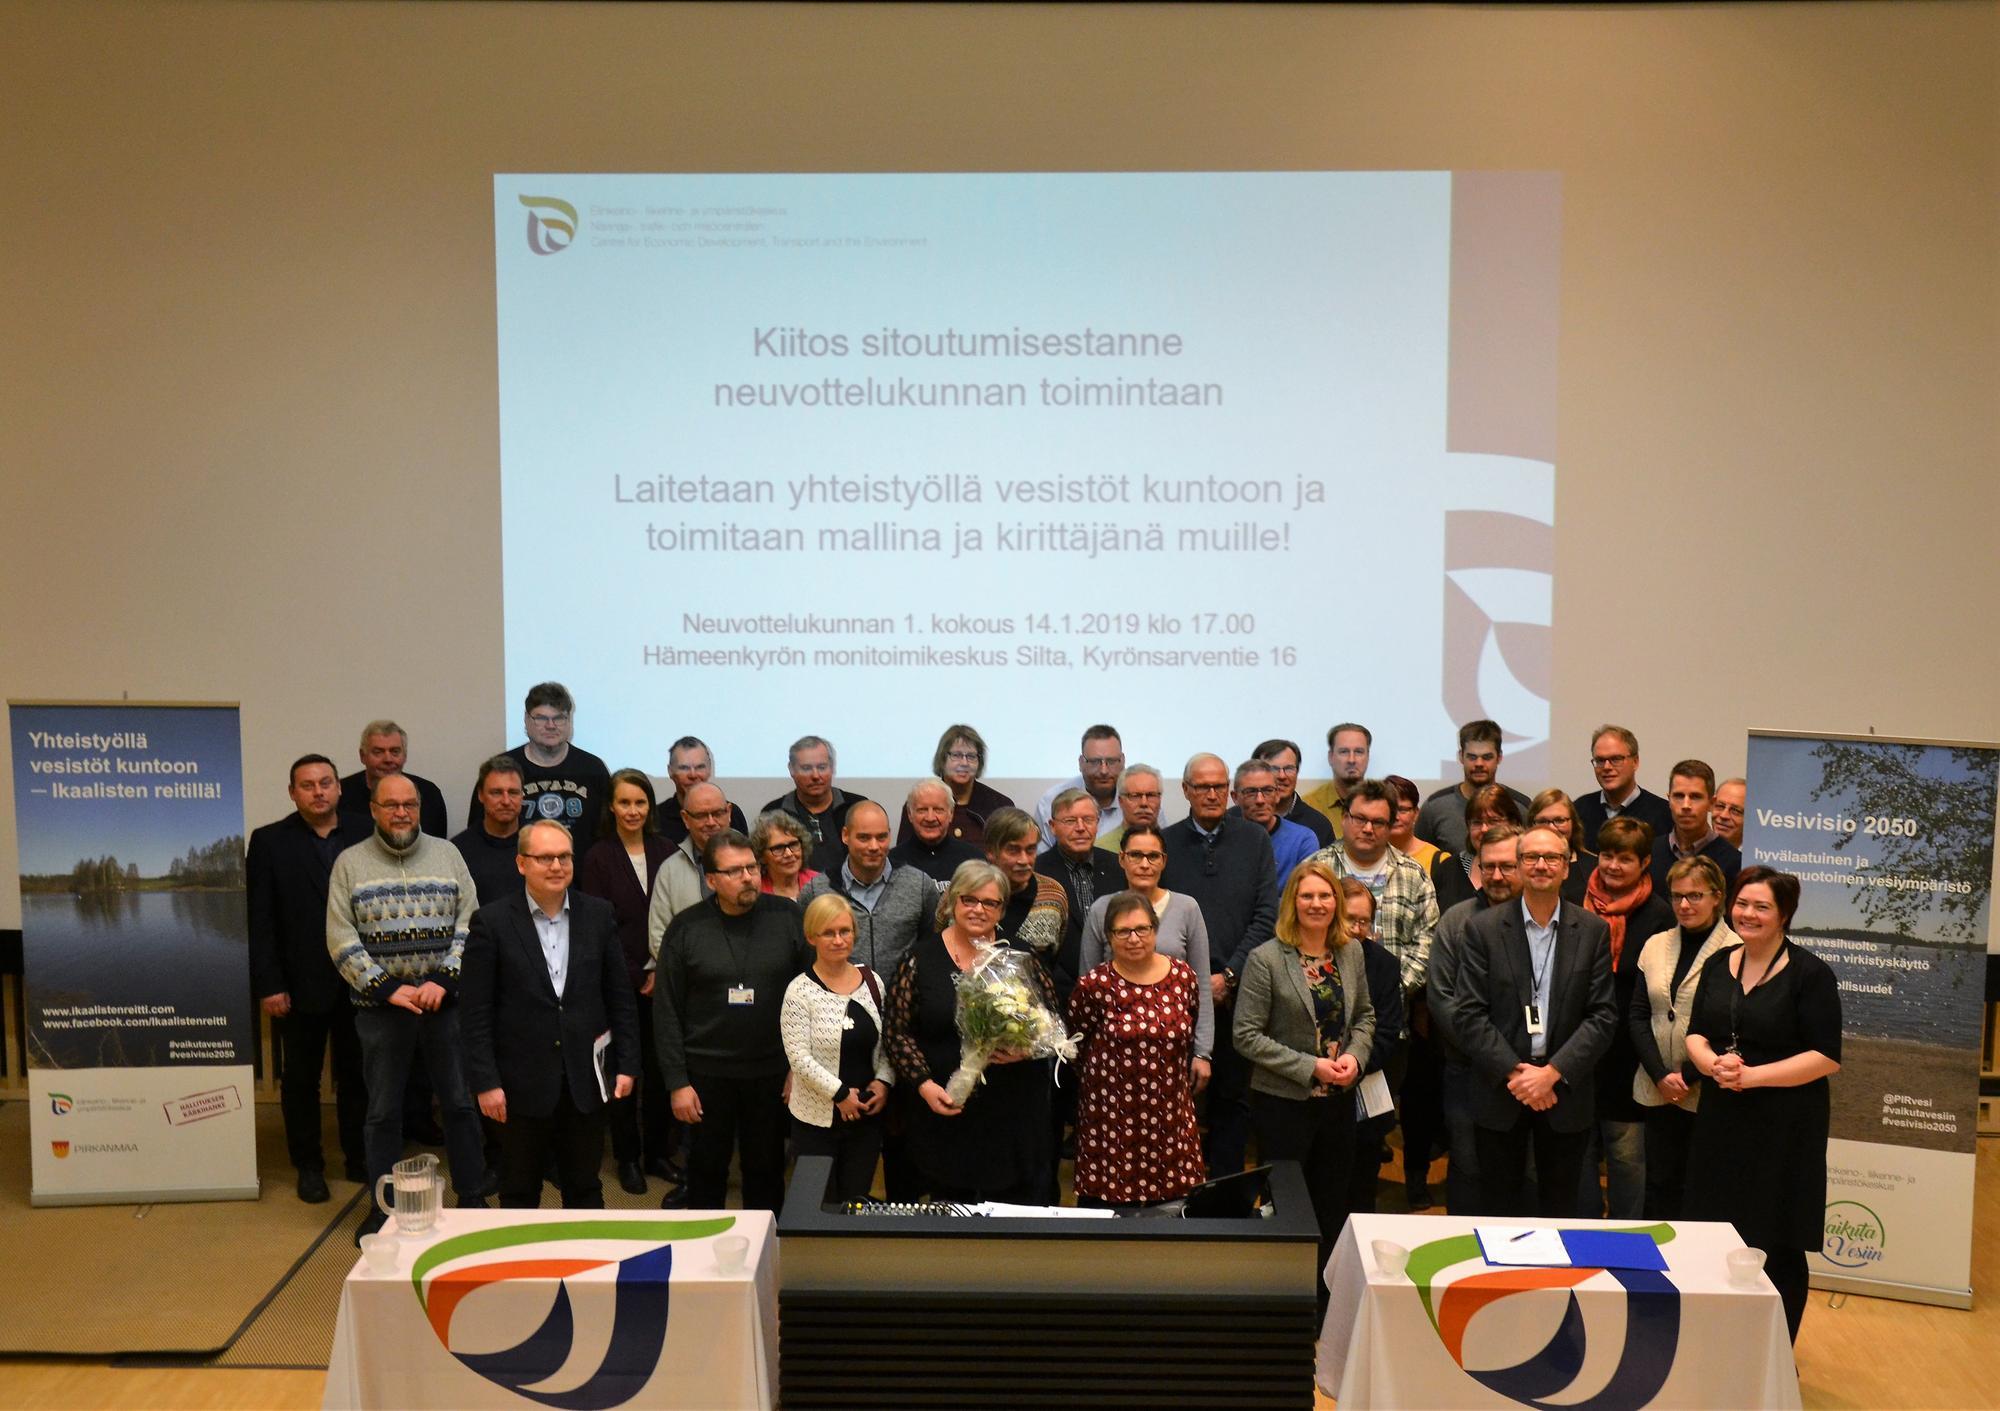 Valokuva Ikaalisten reitin vesienhoidon neuvottelukunnan jäsenistöstä.